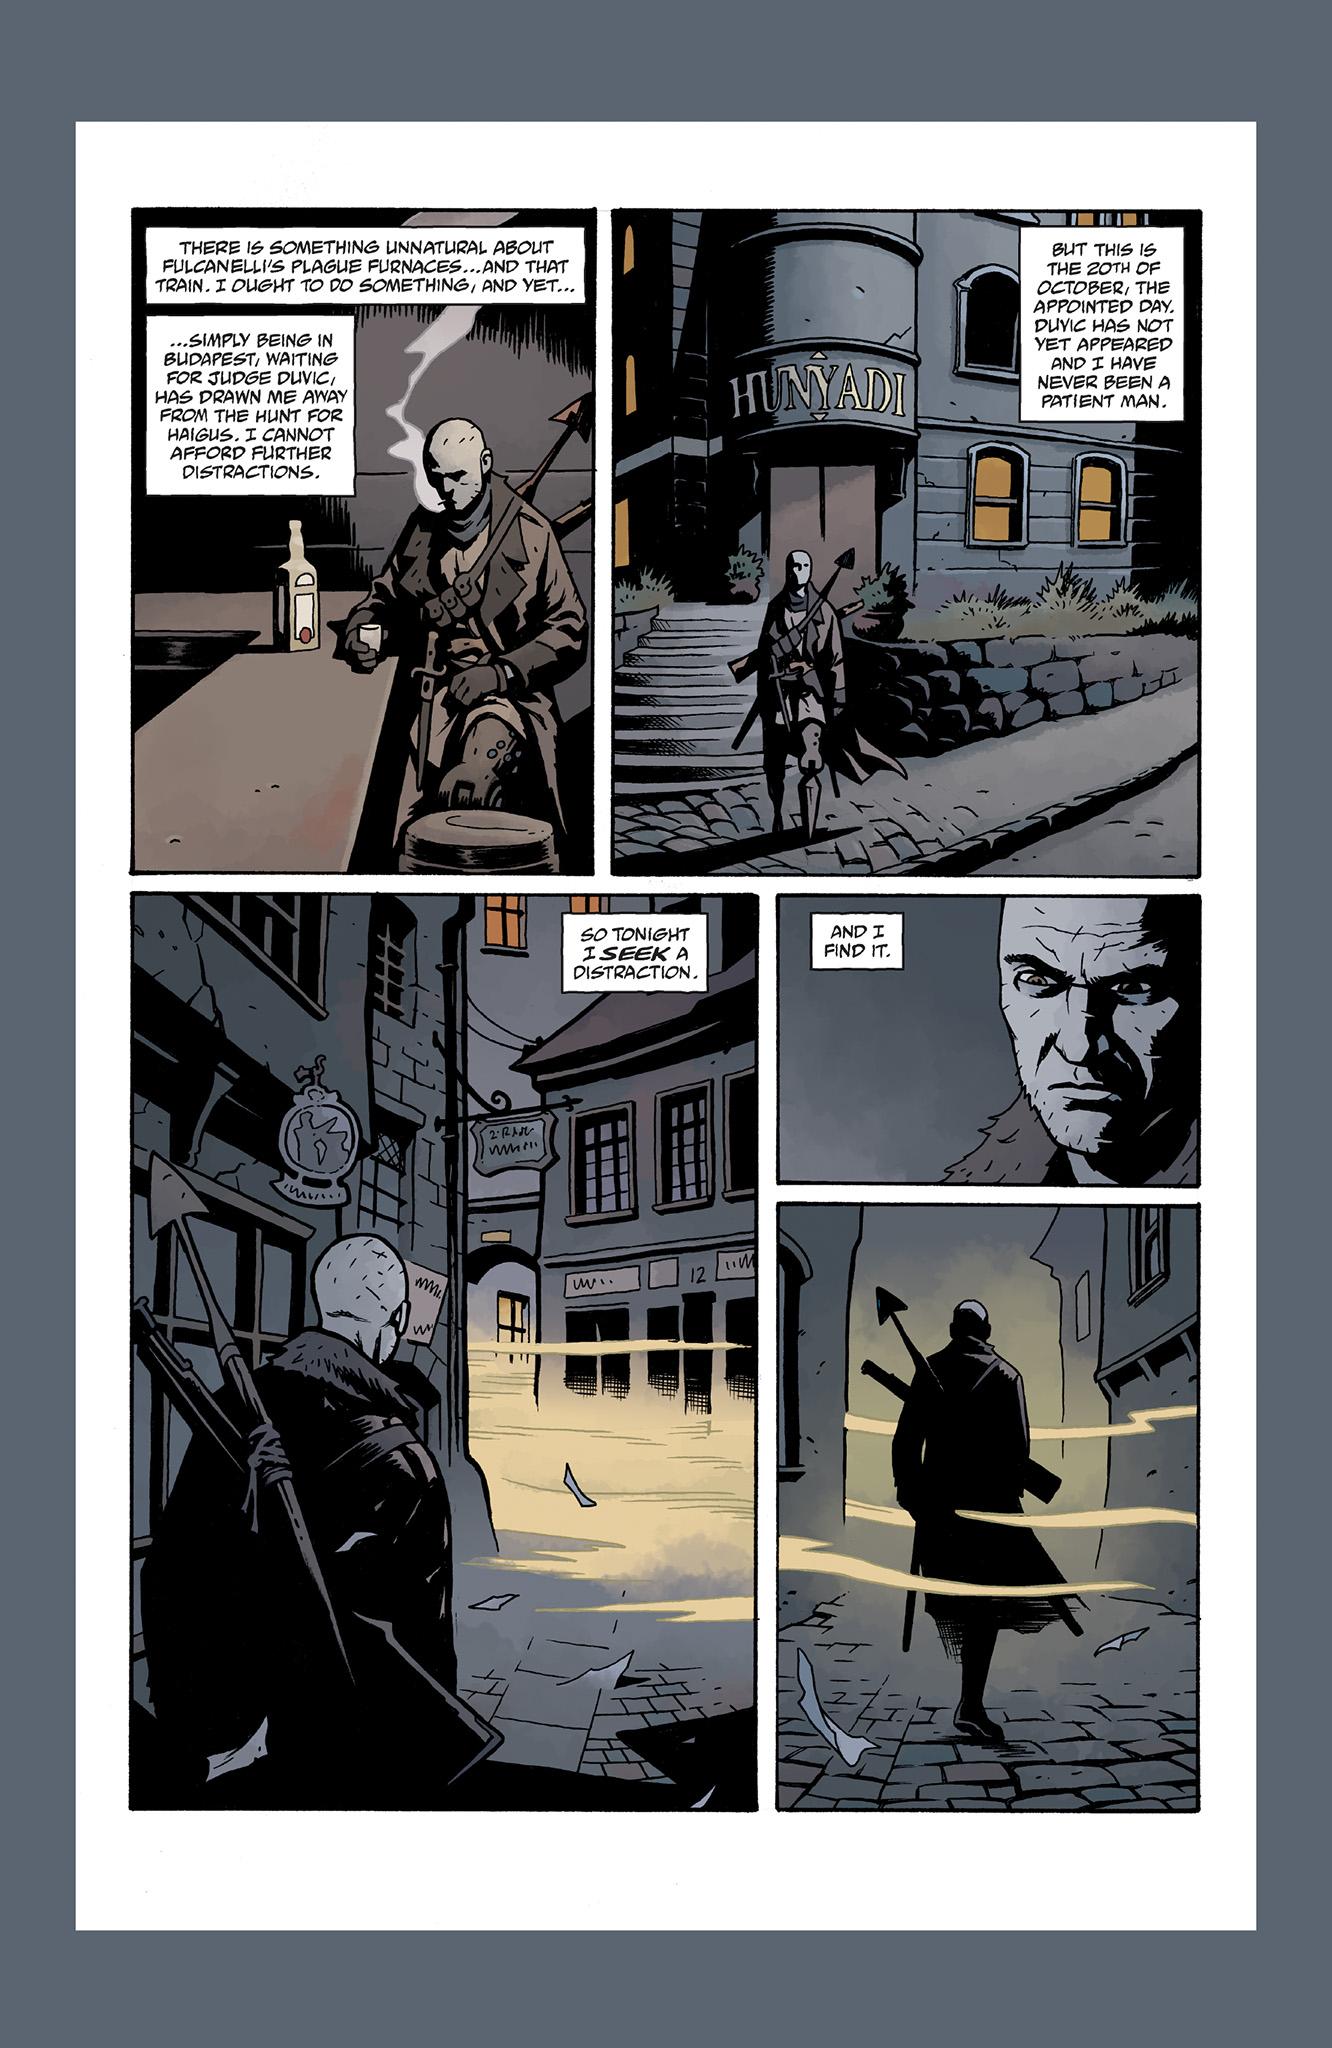 Read online Abe Sapien comic -  Issue #5 - 28